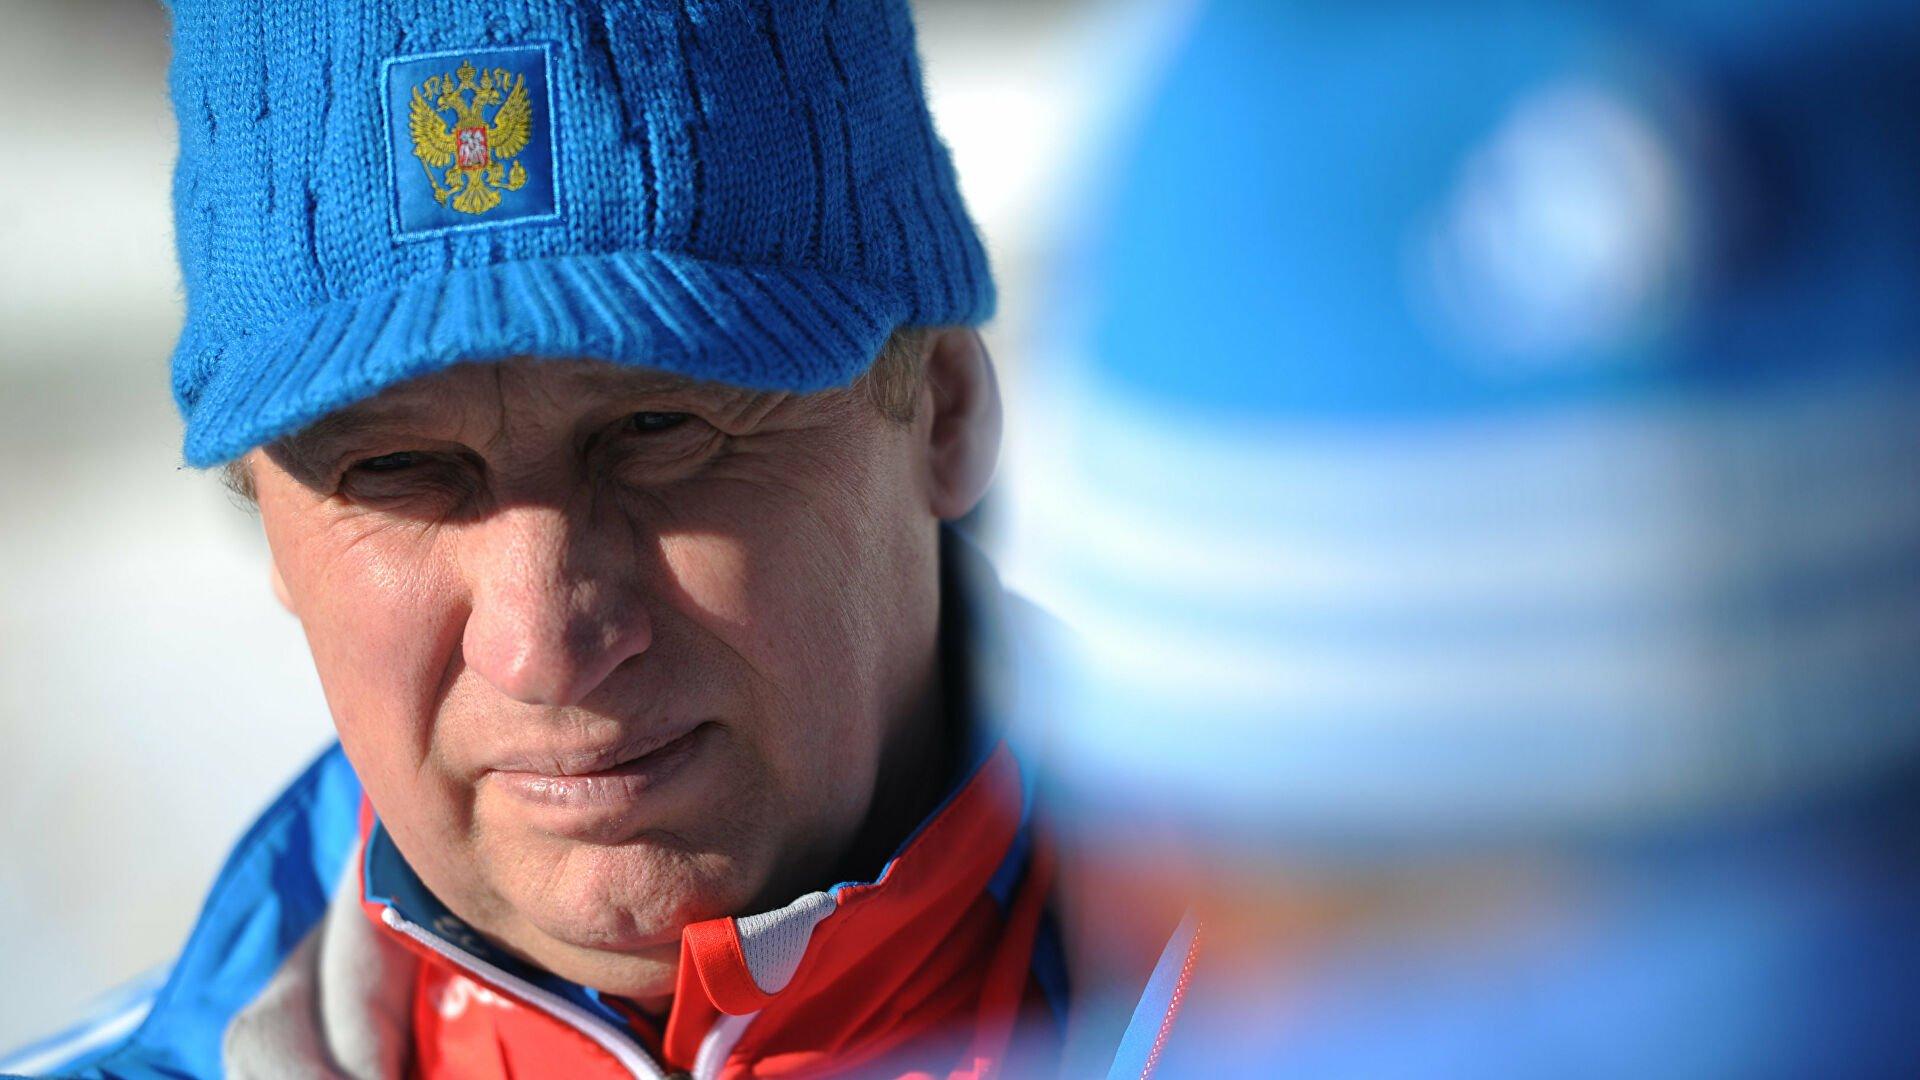 Главного тренера сборной России Польховского госпитализировали в связи с ухудшившимся состоянием